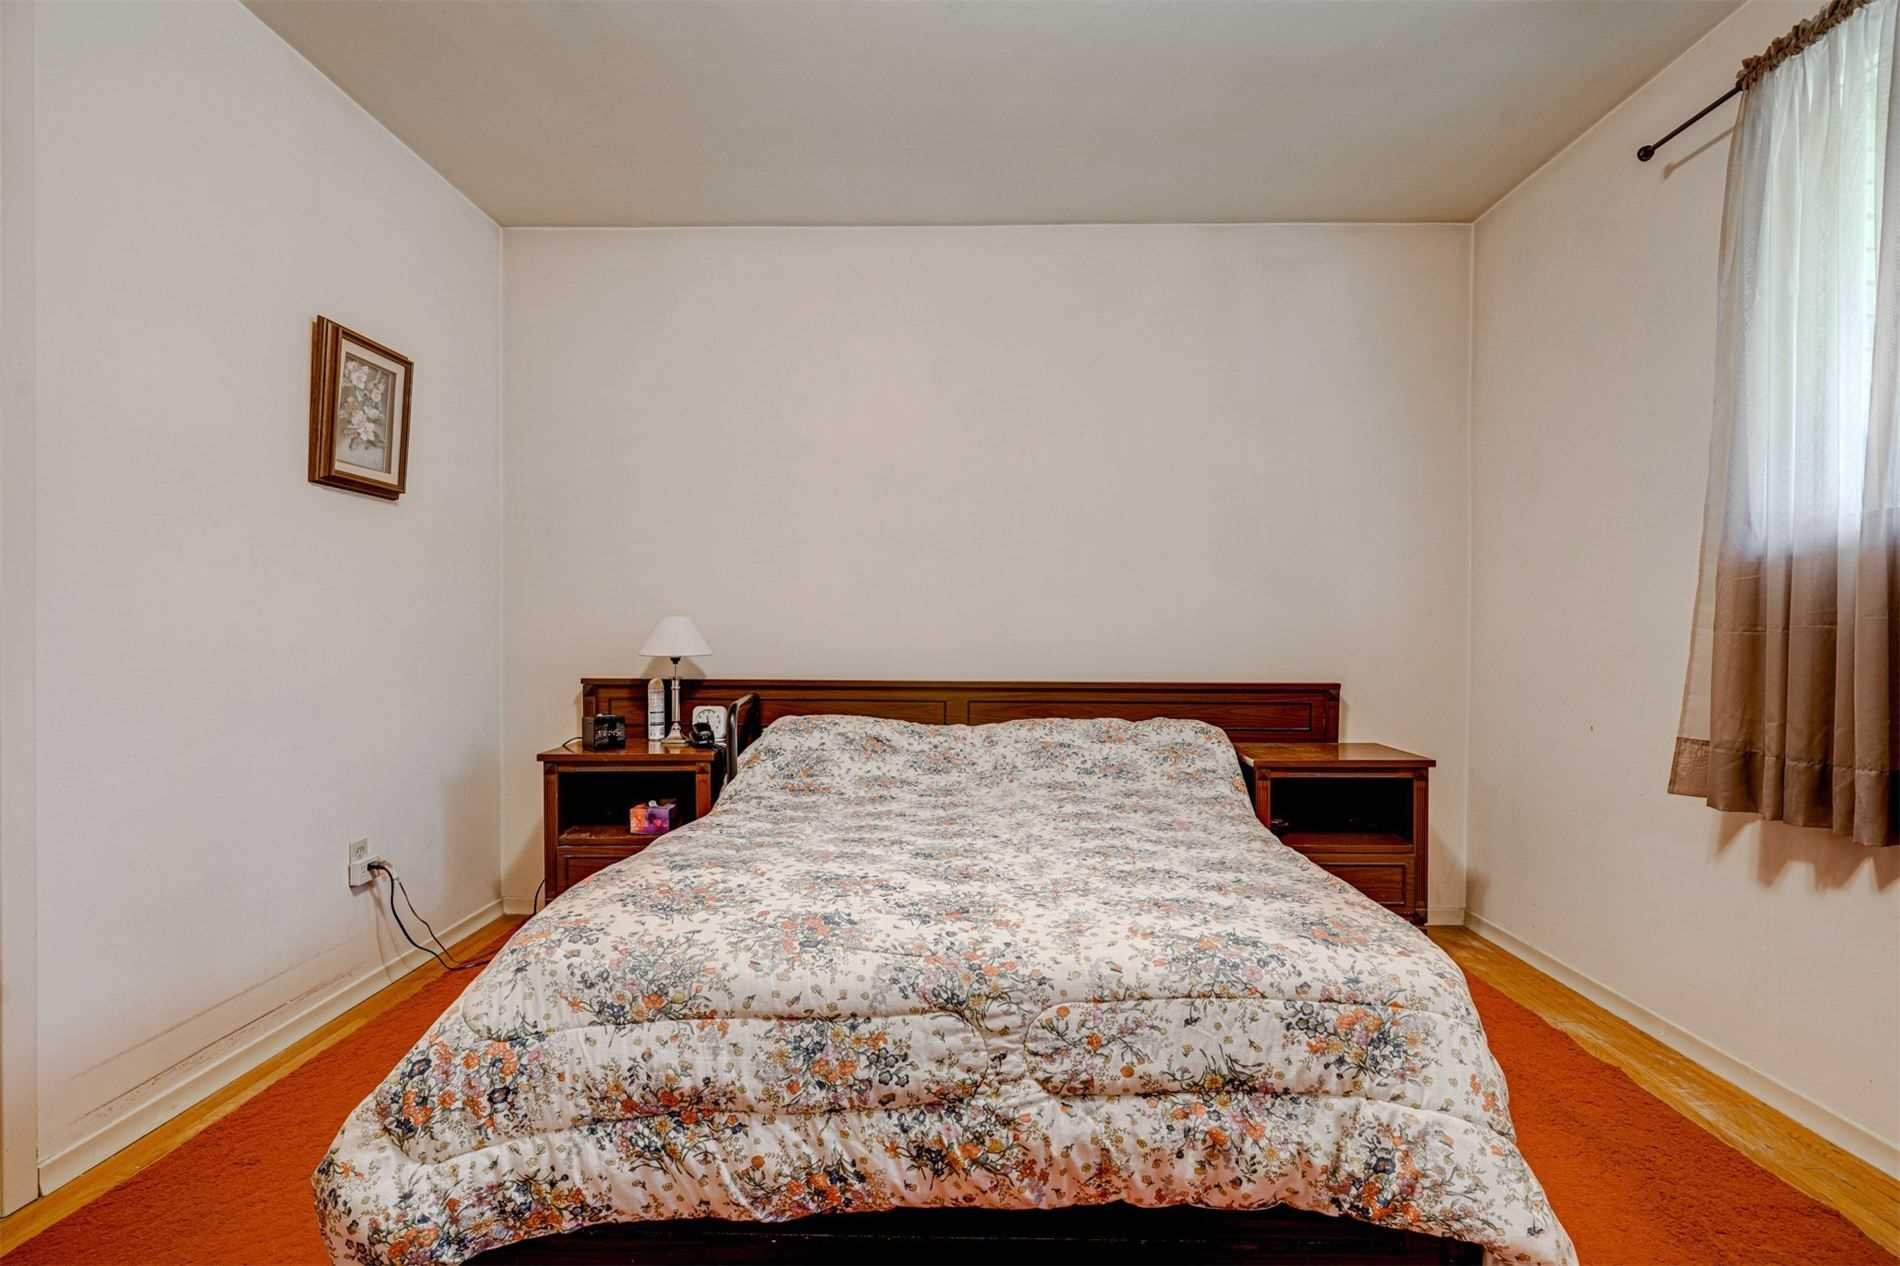 4189 Brock Rd - Uxbridge Detached for sale, 3 Bedrooms (N5311768) - #23